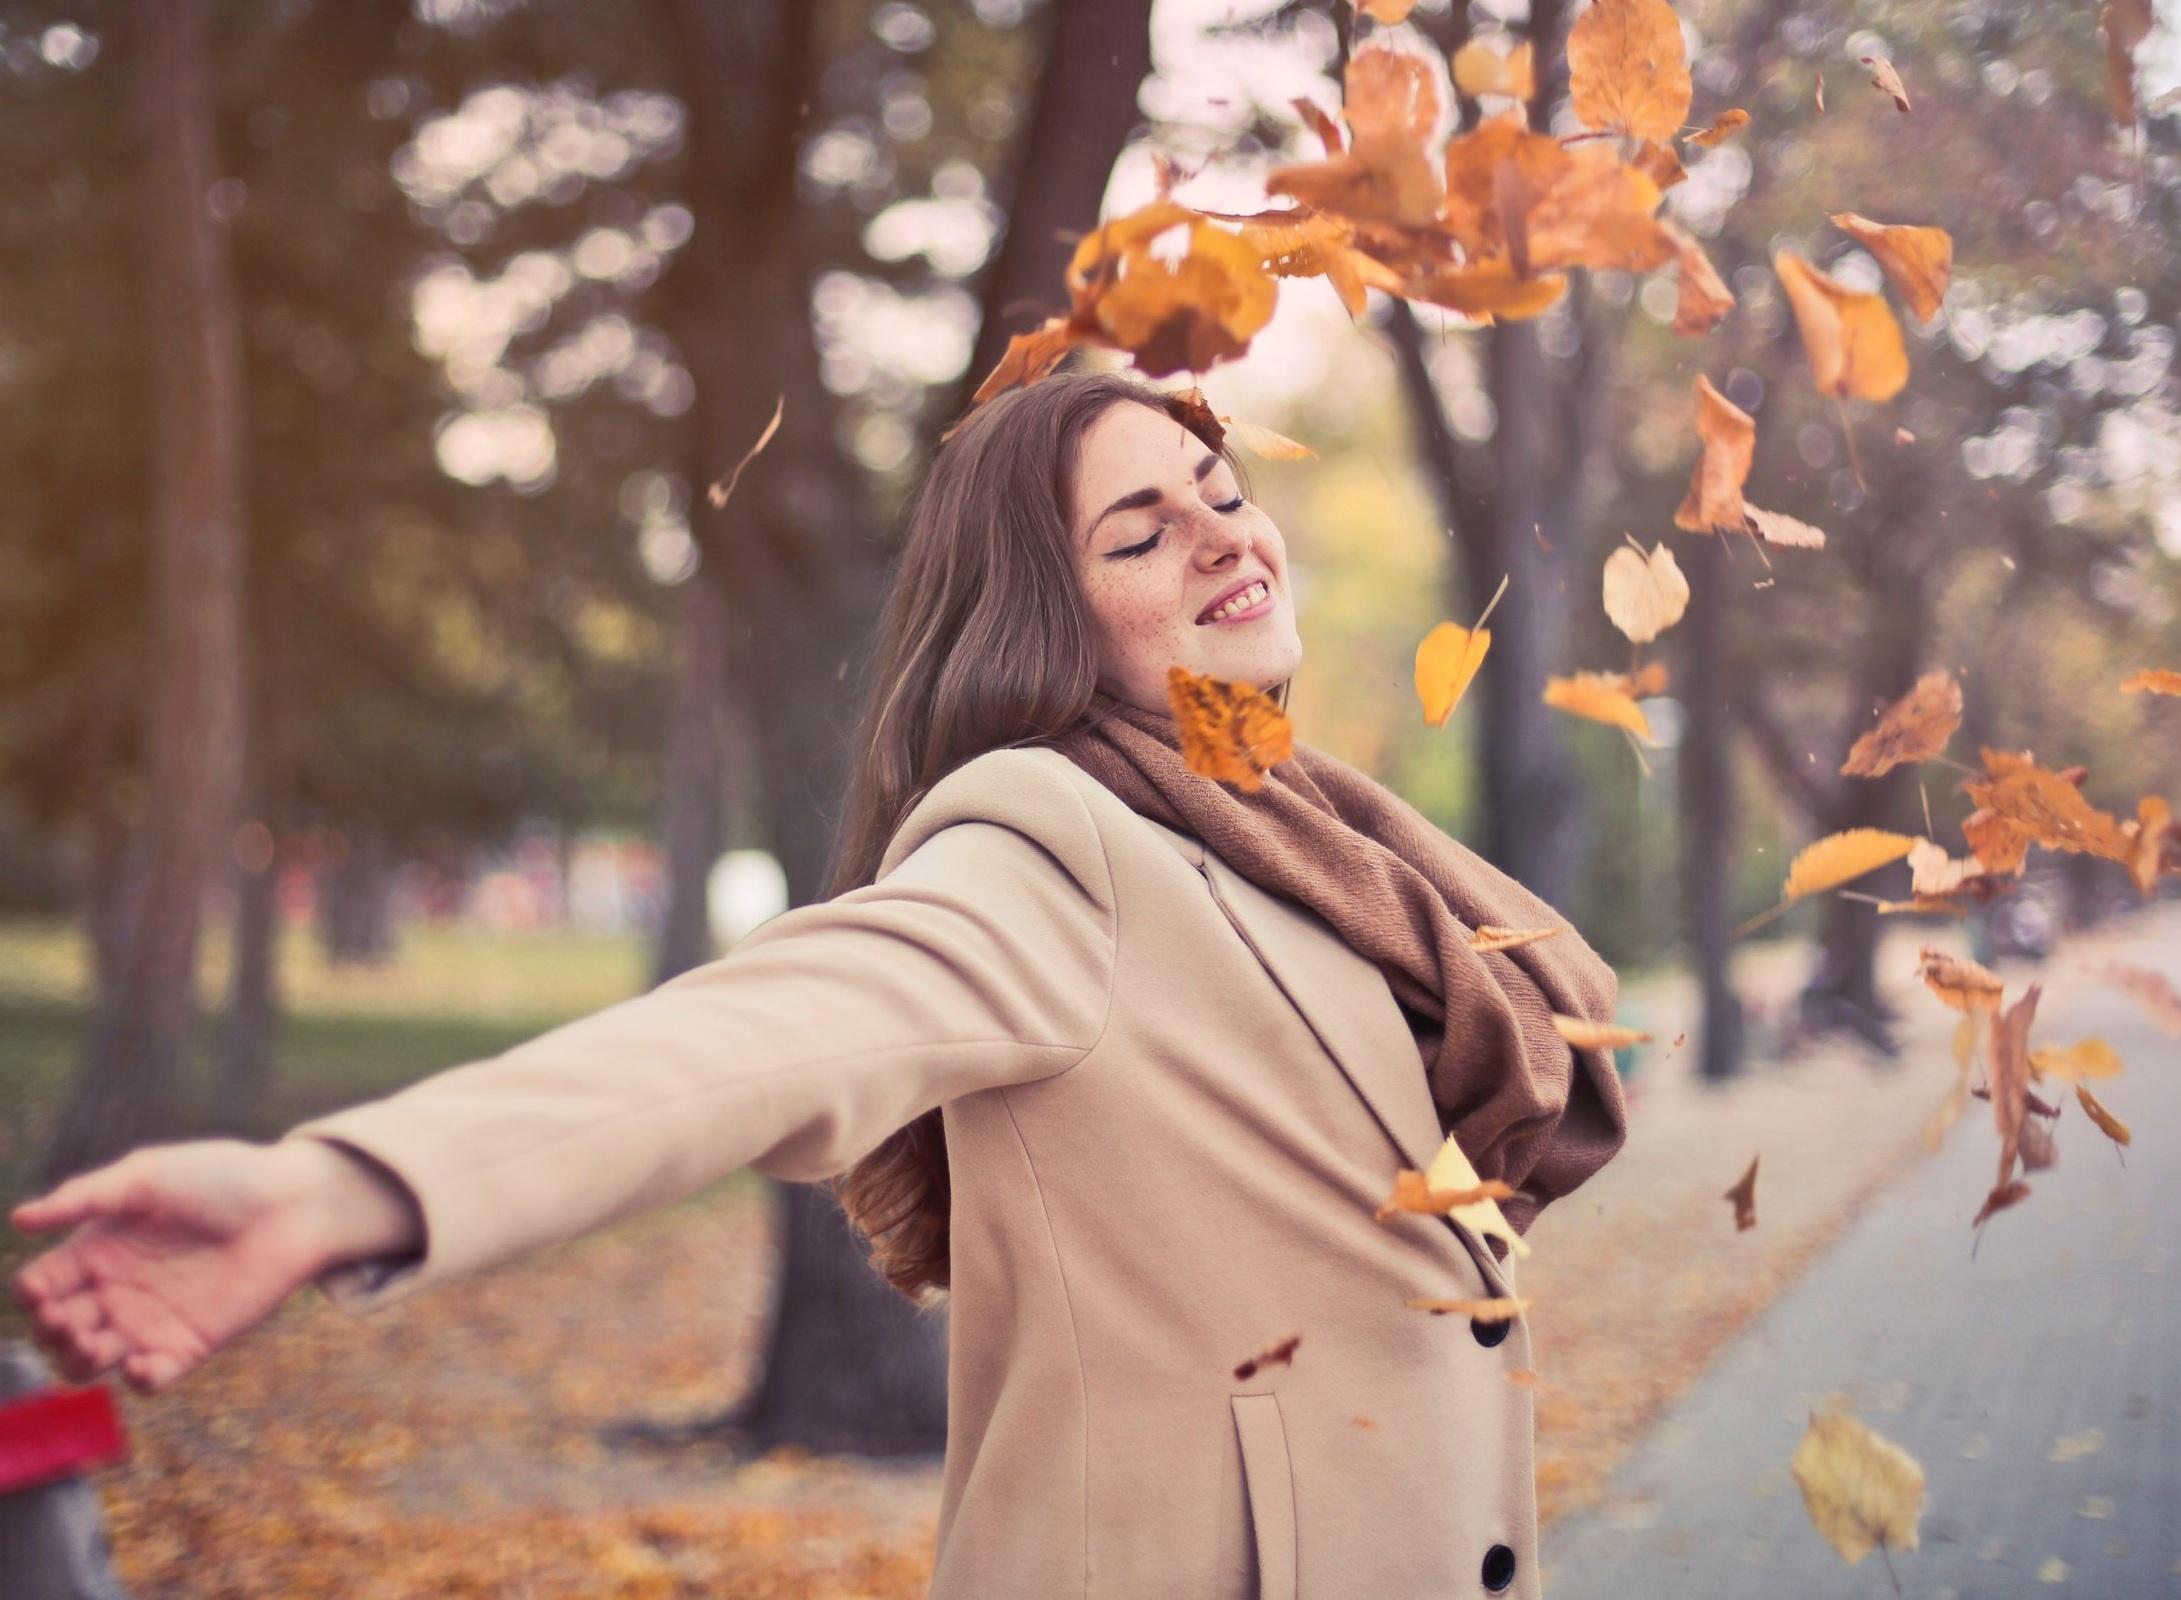 air-arm-autumn-762041.jpg